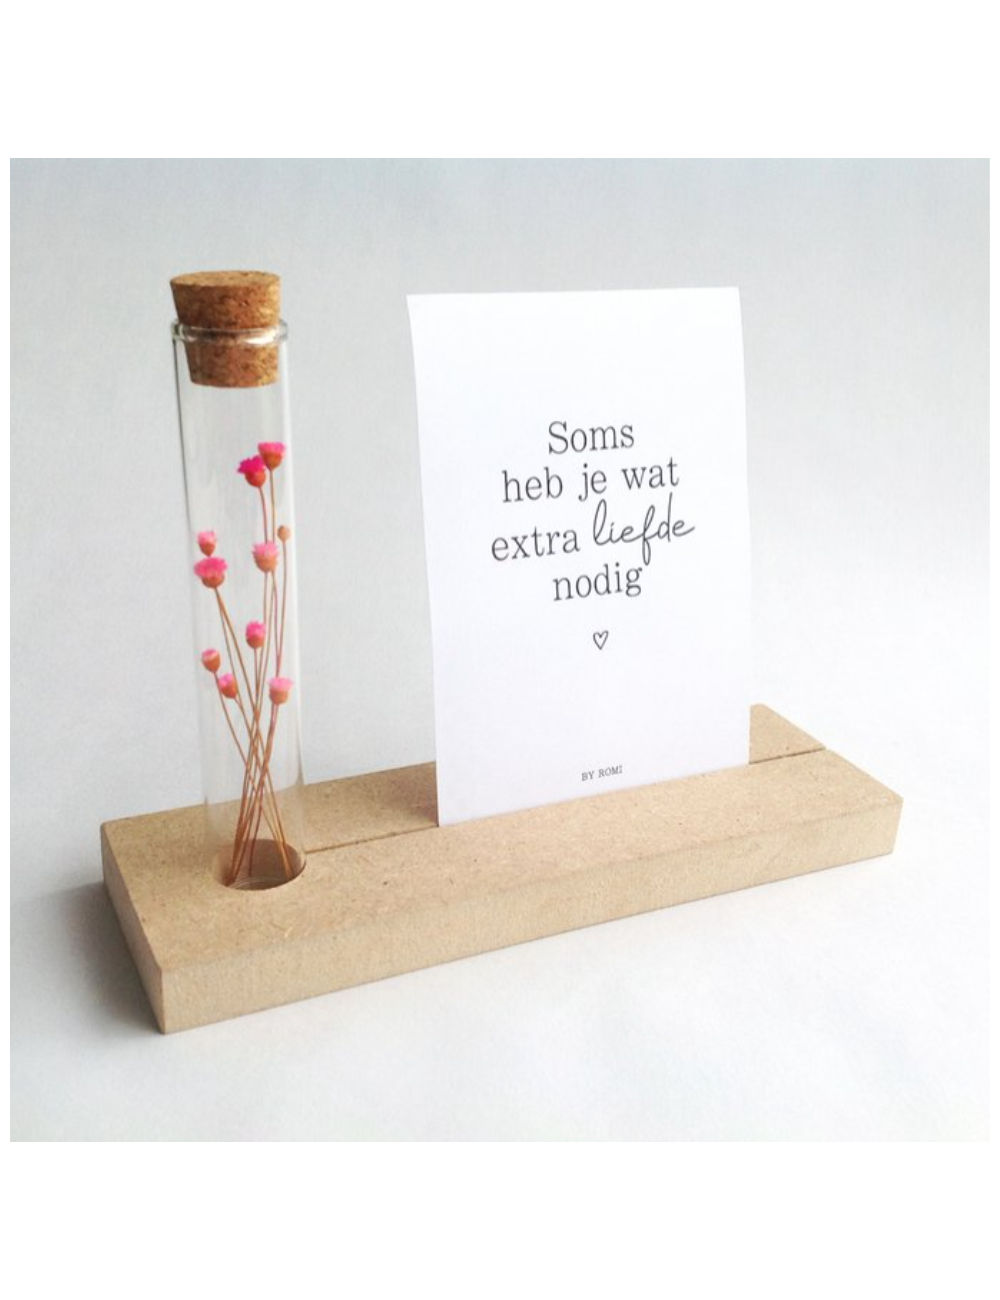 Memory shelf met kaart | soms heb je wat extra liefde nodig